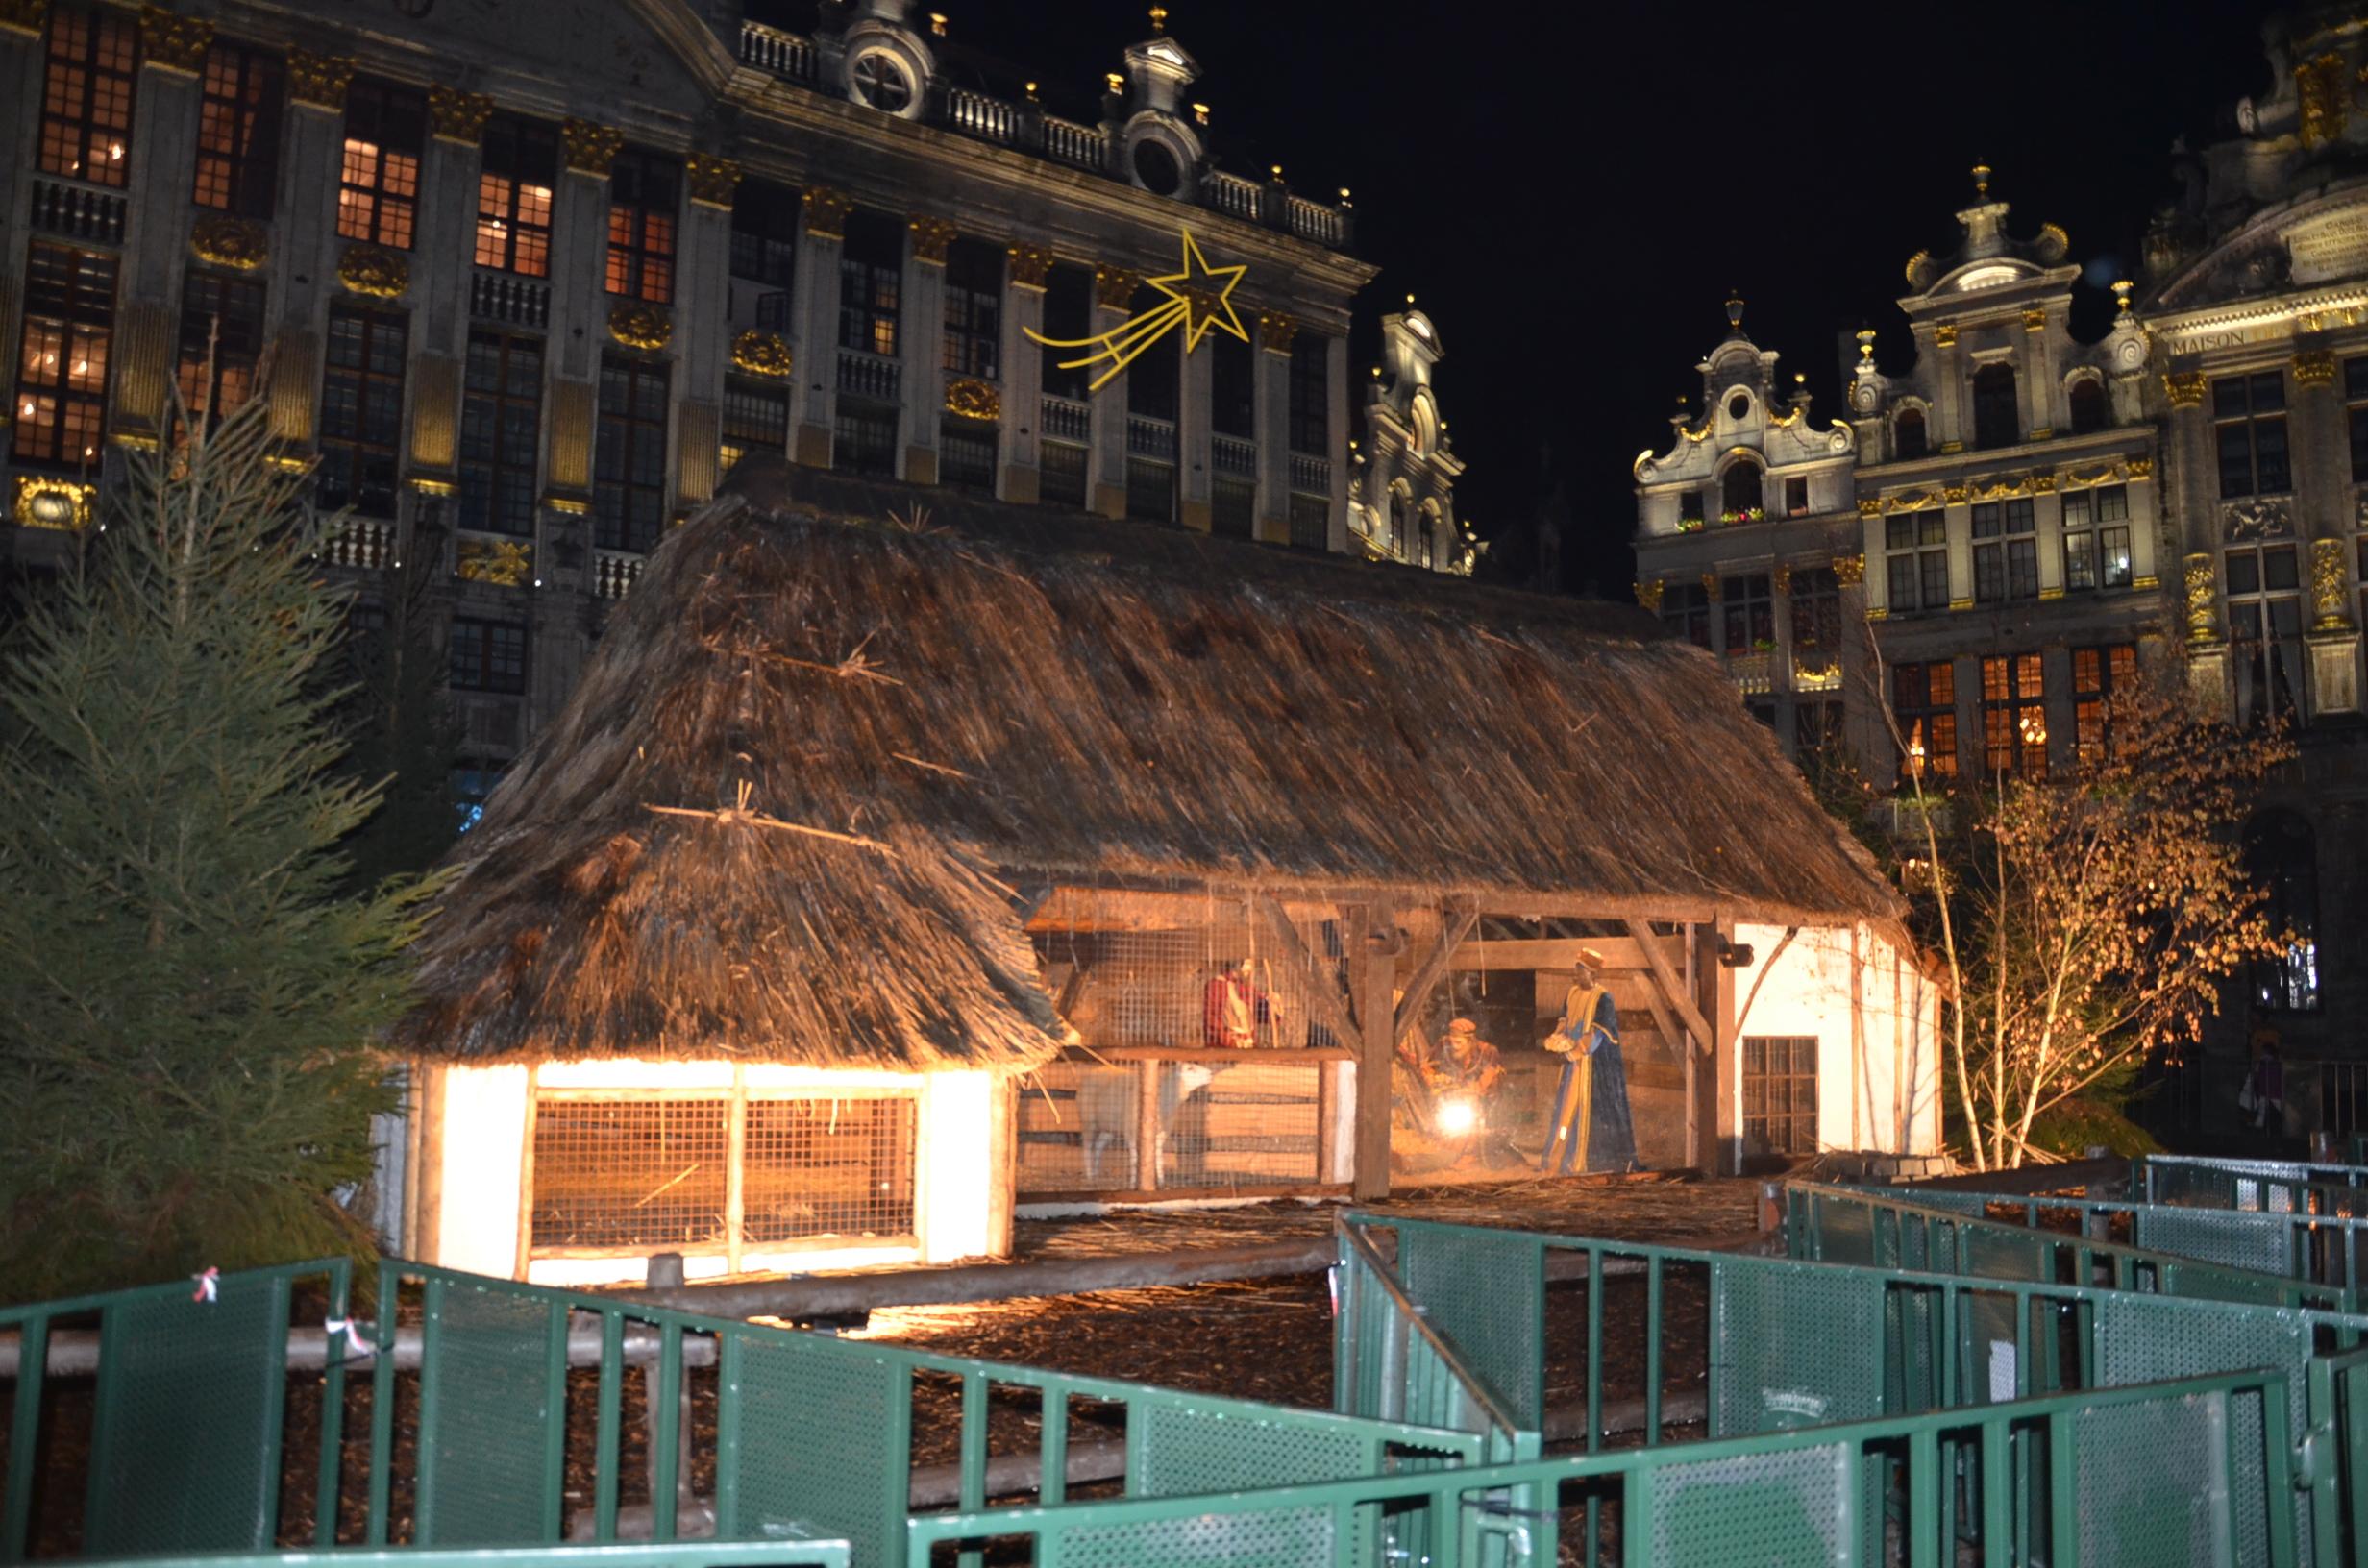 Kerststal Grote Markt © Hellen Mardaga